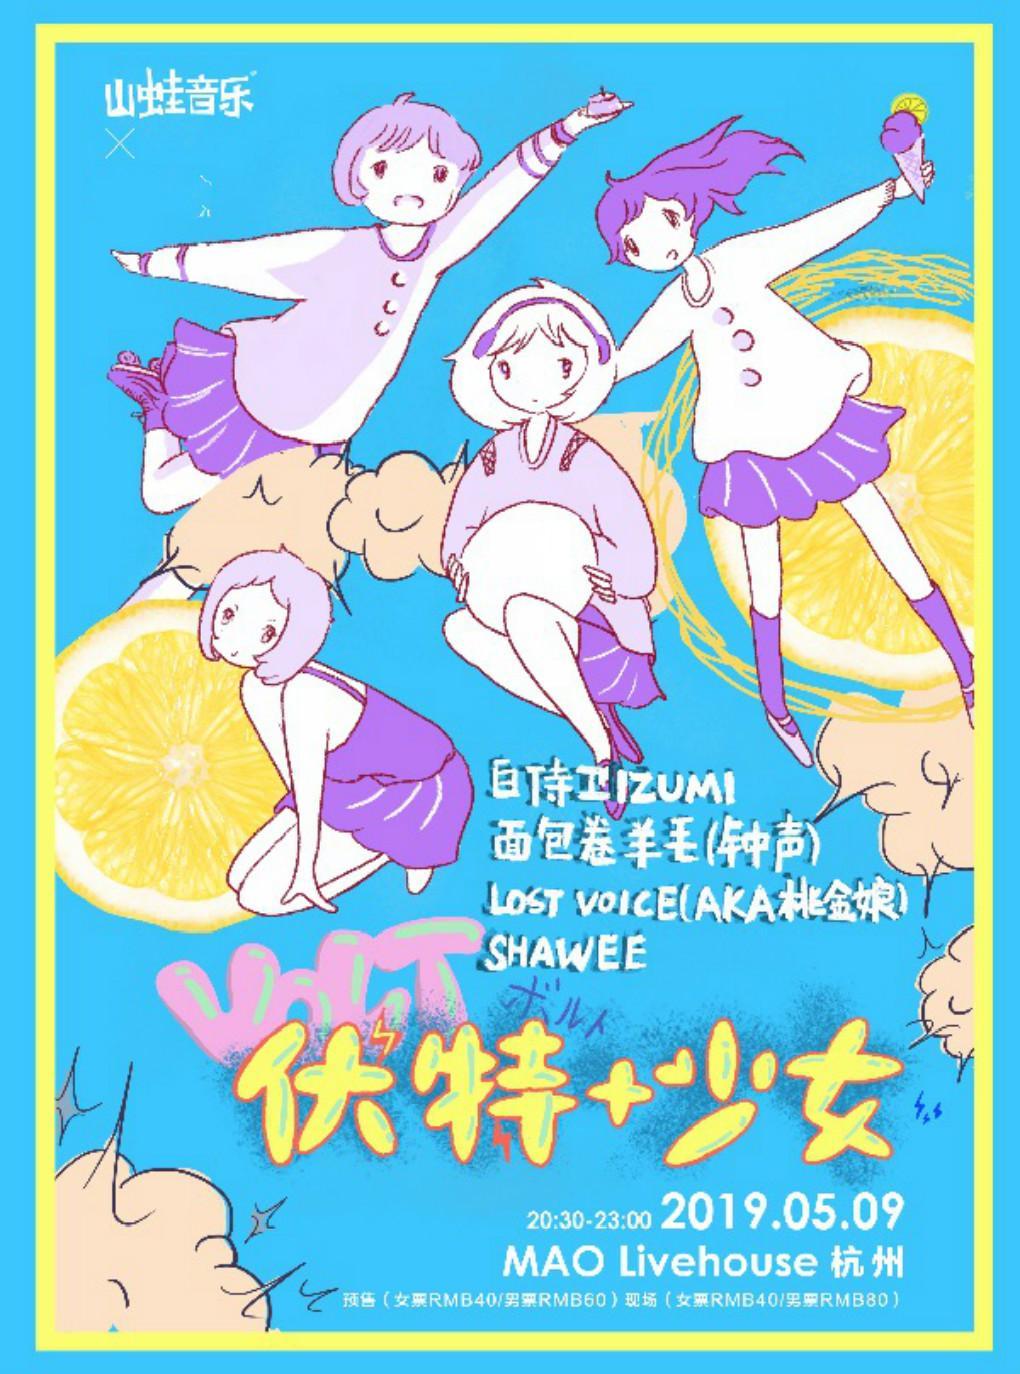 伏特+少女 古怪少女们的联合专场杭州站